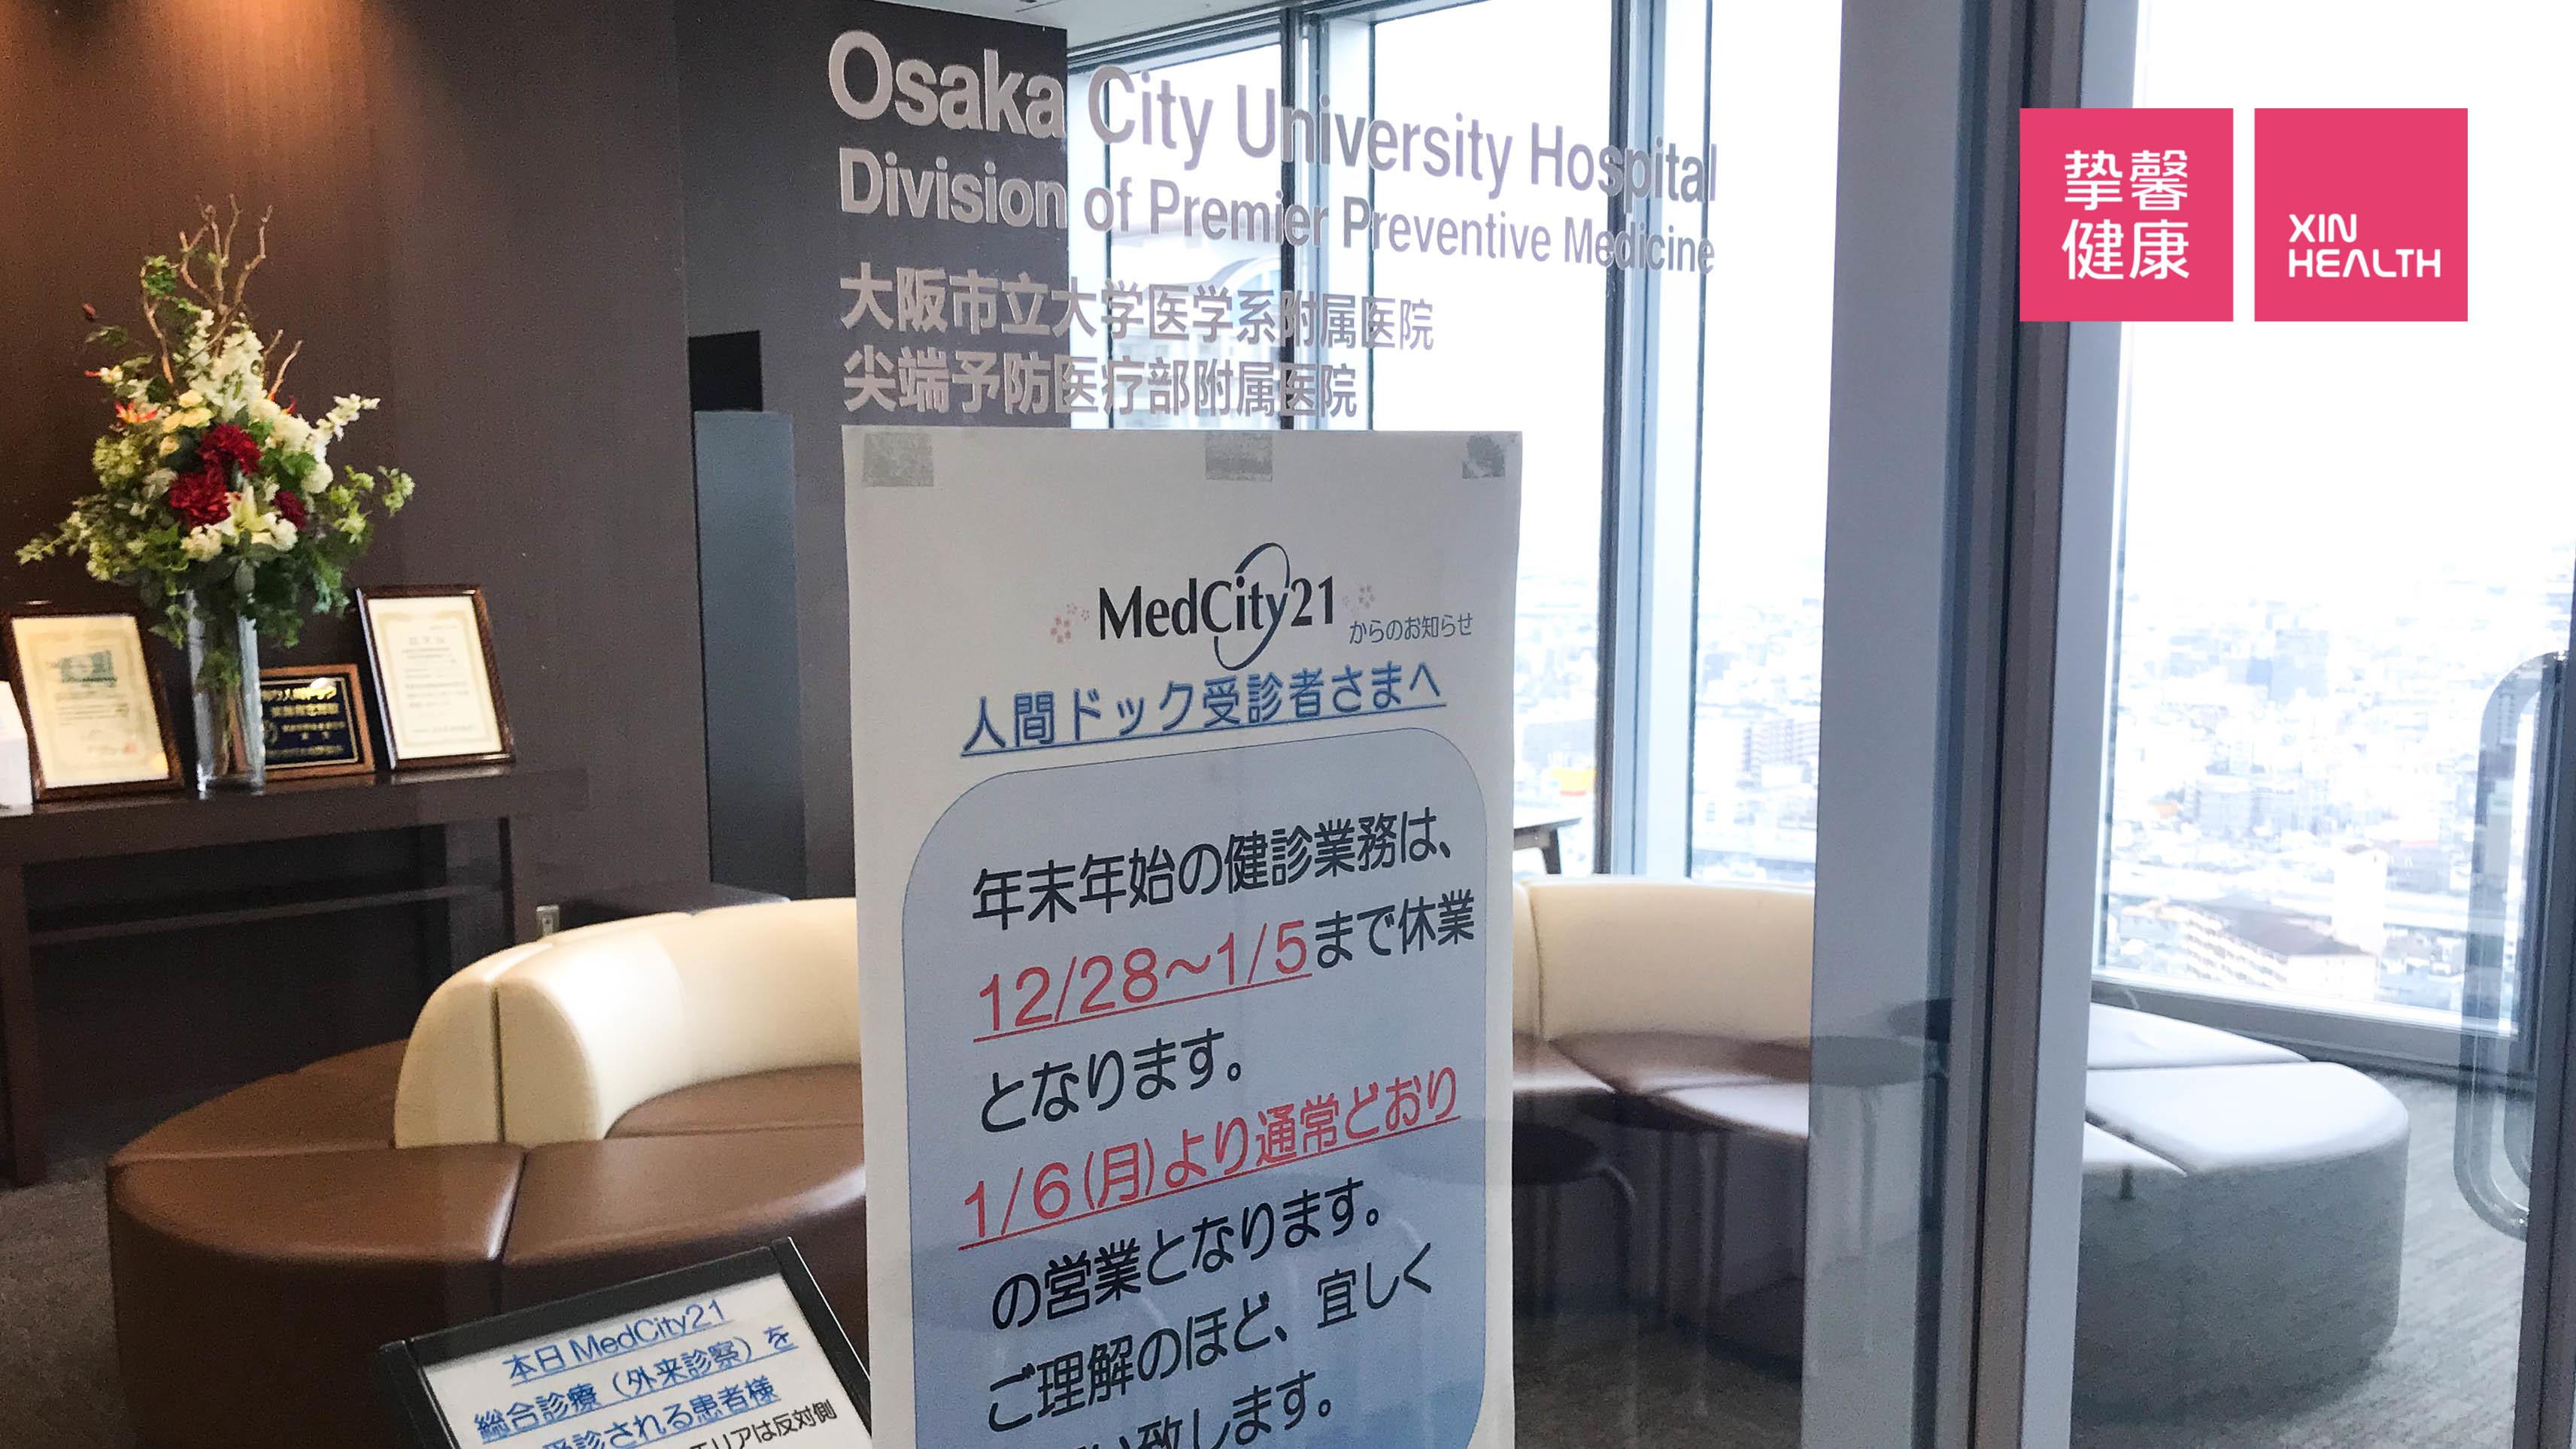 去日本体检,如何正确筛查癌症?